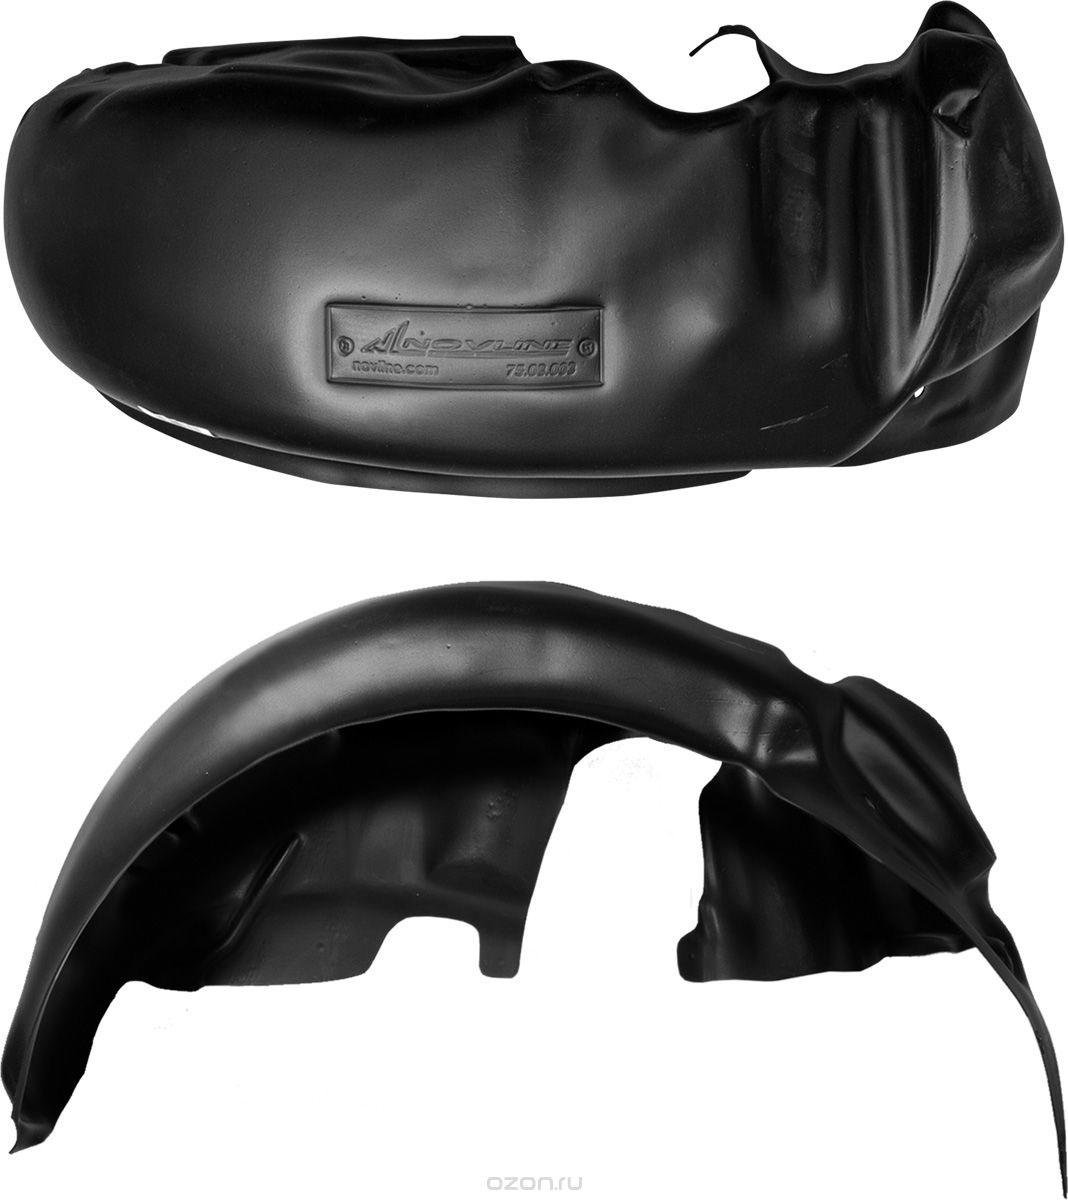 Подкрылок Novline-Autofamily, для CITROEN Jumper 08/2014->, с расширителями арок, передний правый44005003Идеальная защита колесной ниши. Локеры разработаны с применением цифровых технологий, гарантируют максимальную повторяемость поверхности арки. Изделия устанавливаются без нарушения лакокрасочного покрытия автомобиля, каждый подкрылок комплектуется крепежом. Уважаемые клиенты, обращаем ваше внимание, что фотографии на подкрылки универсальные и не отражают реальную форму изделия. При этом само изделие идет точно под размер указанного автомобиля.